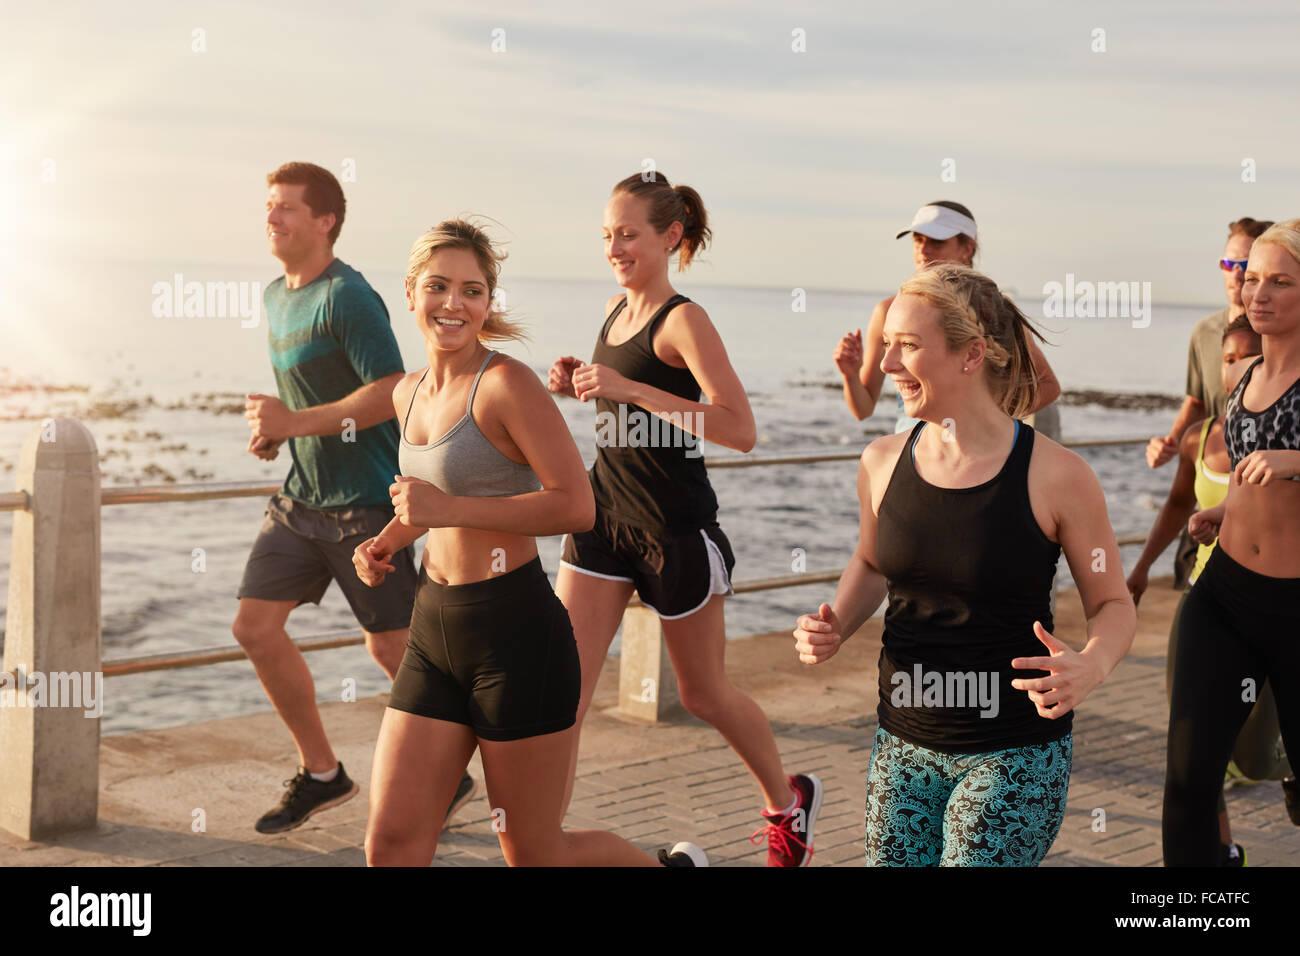 Ritratto di salutare i giovani uomini e donne in esecuzione insieme sul lungomare. Active running club la formazione Immagini Stock